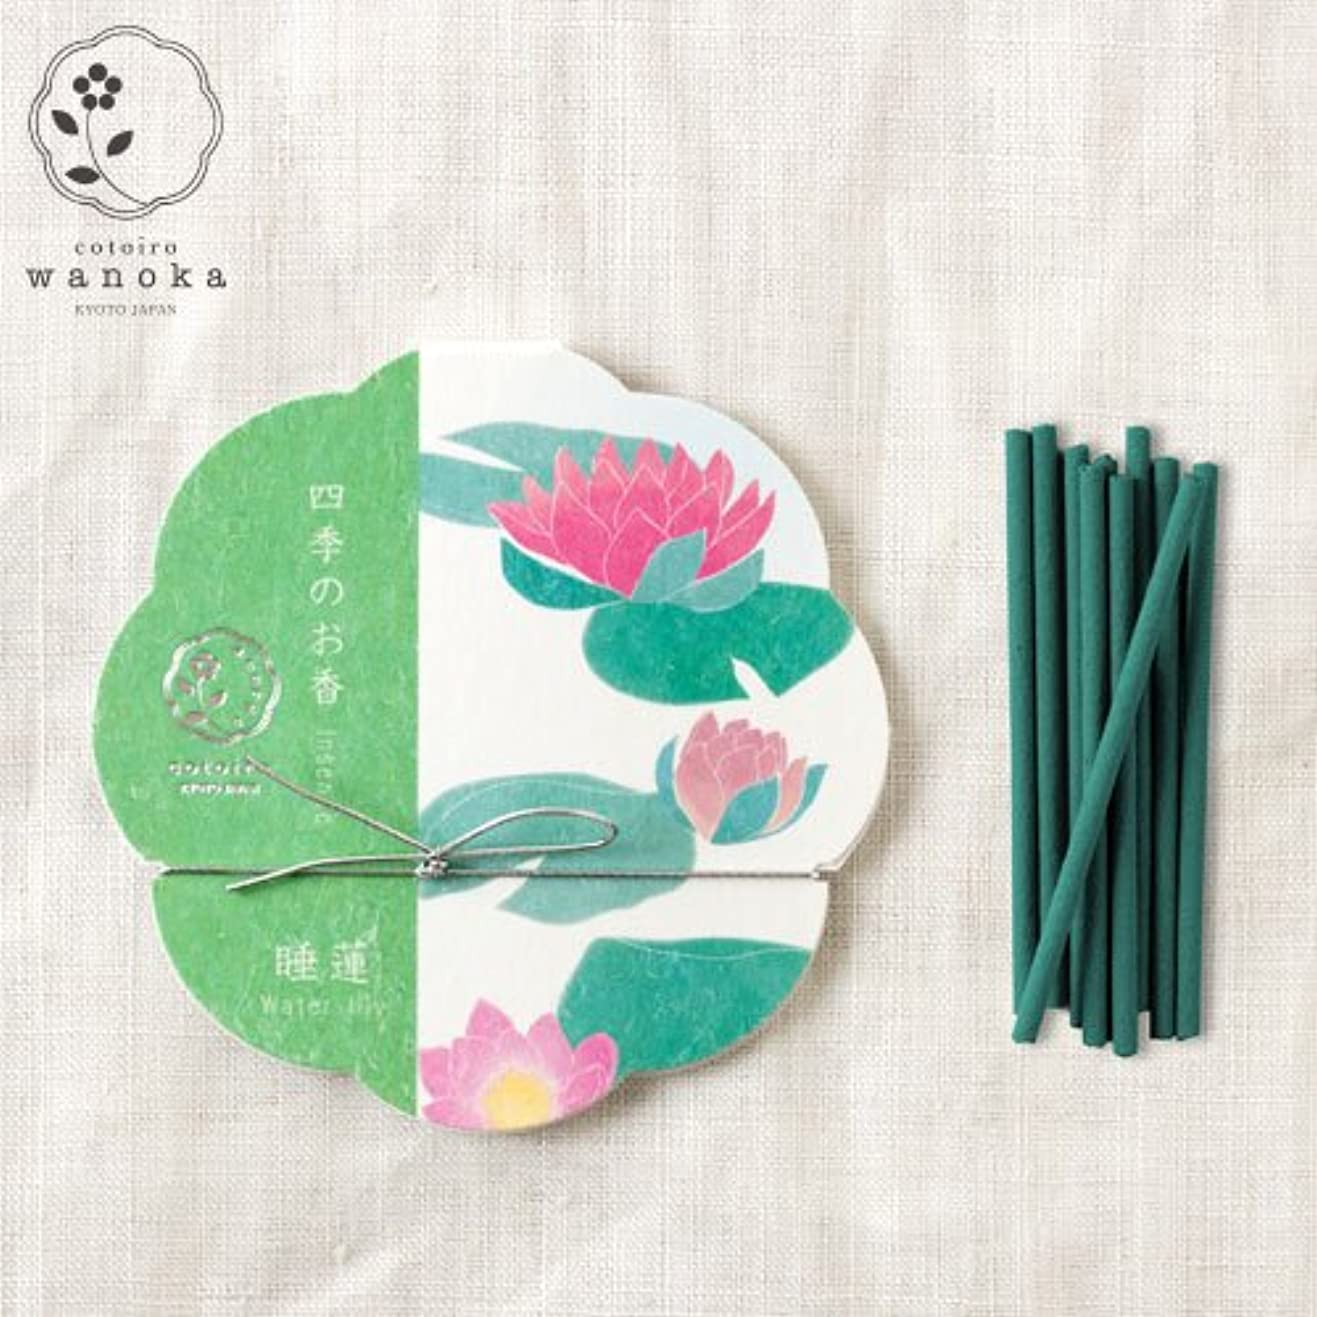 自分のために織機食物wanoka四季のお香(インセンス)睡蓮《睡蓮をイメージした清楚な香り》ART LABIncense stick